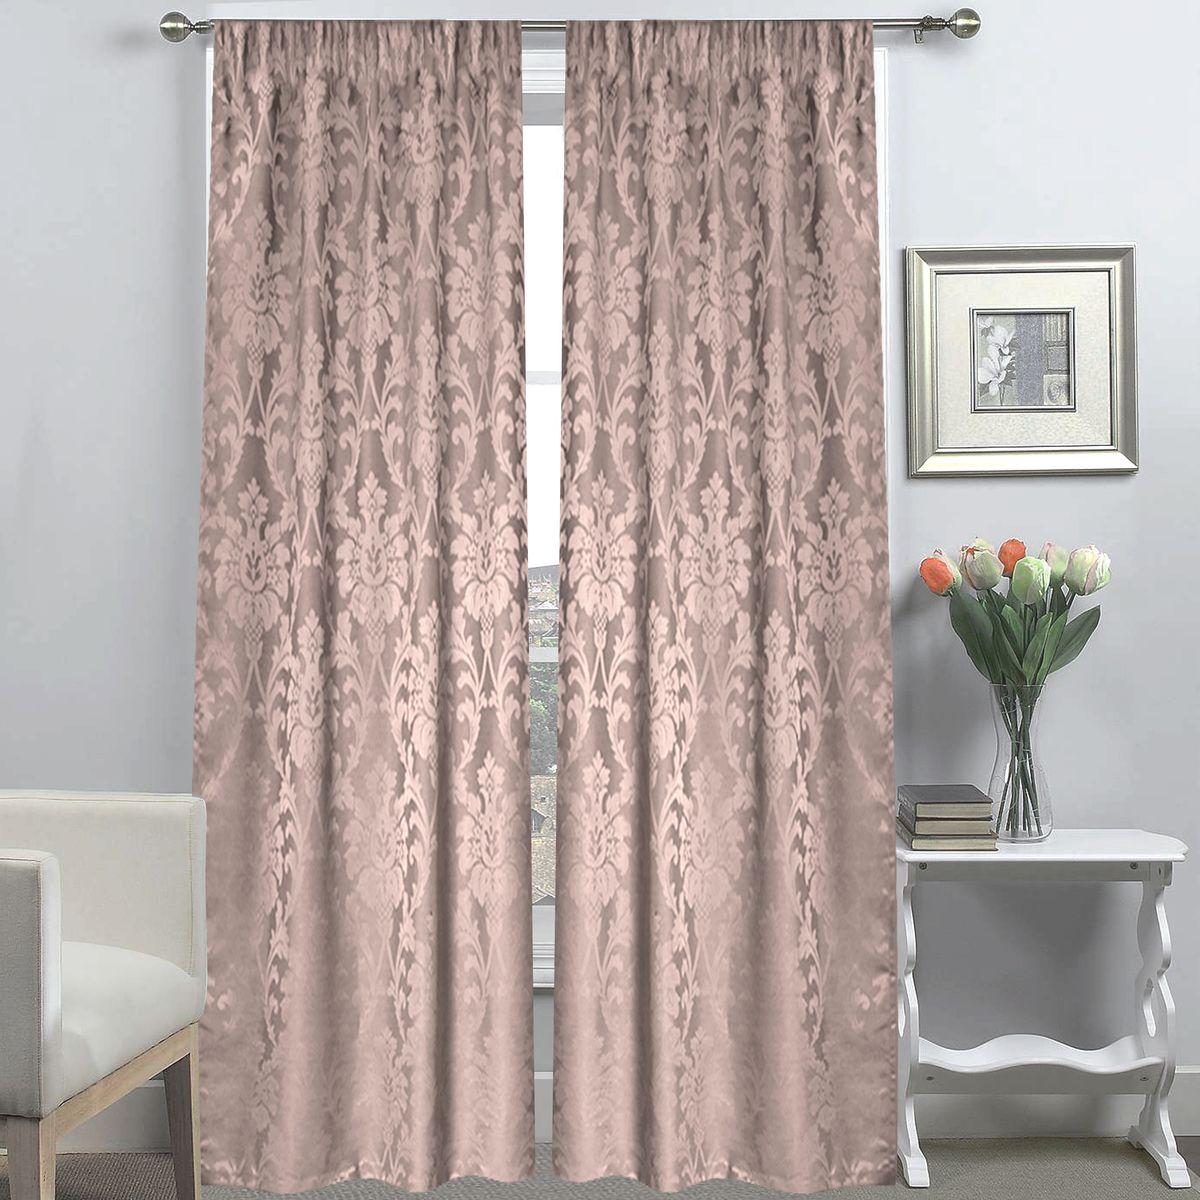 Комплект штор Amore Mio Жаккард, на ленте, цвет: розовый, высота 270 см, 2 шт74228Роскошный комплект штор Amore Mio Жаккард на ленте великолепно украсит любое окно. Комплект из мягкой плотной ткани жаккард с классическим рисунком состоит из двух полотен и имеет классический крой. Шторы органично впишутся в интерьер помещения, они будут долгое время радовать вас и вашу семью. Размер одного полотна: 145 х 270 см.